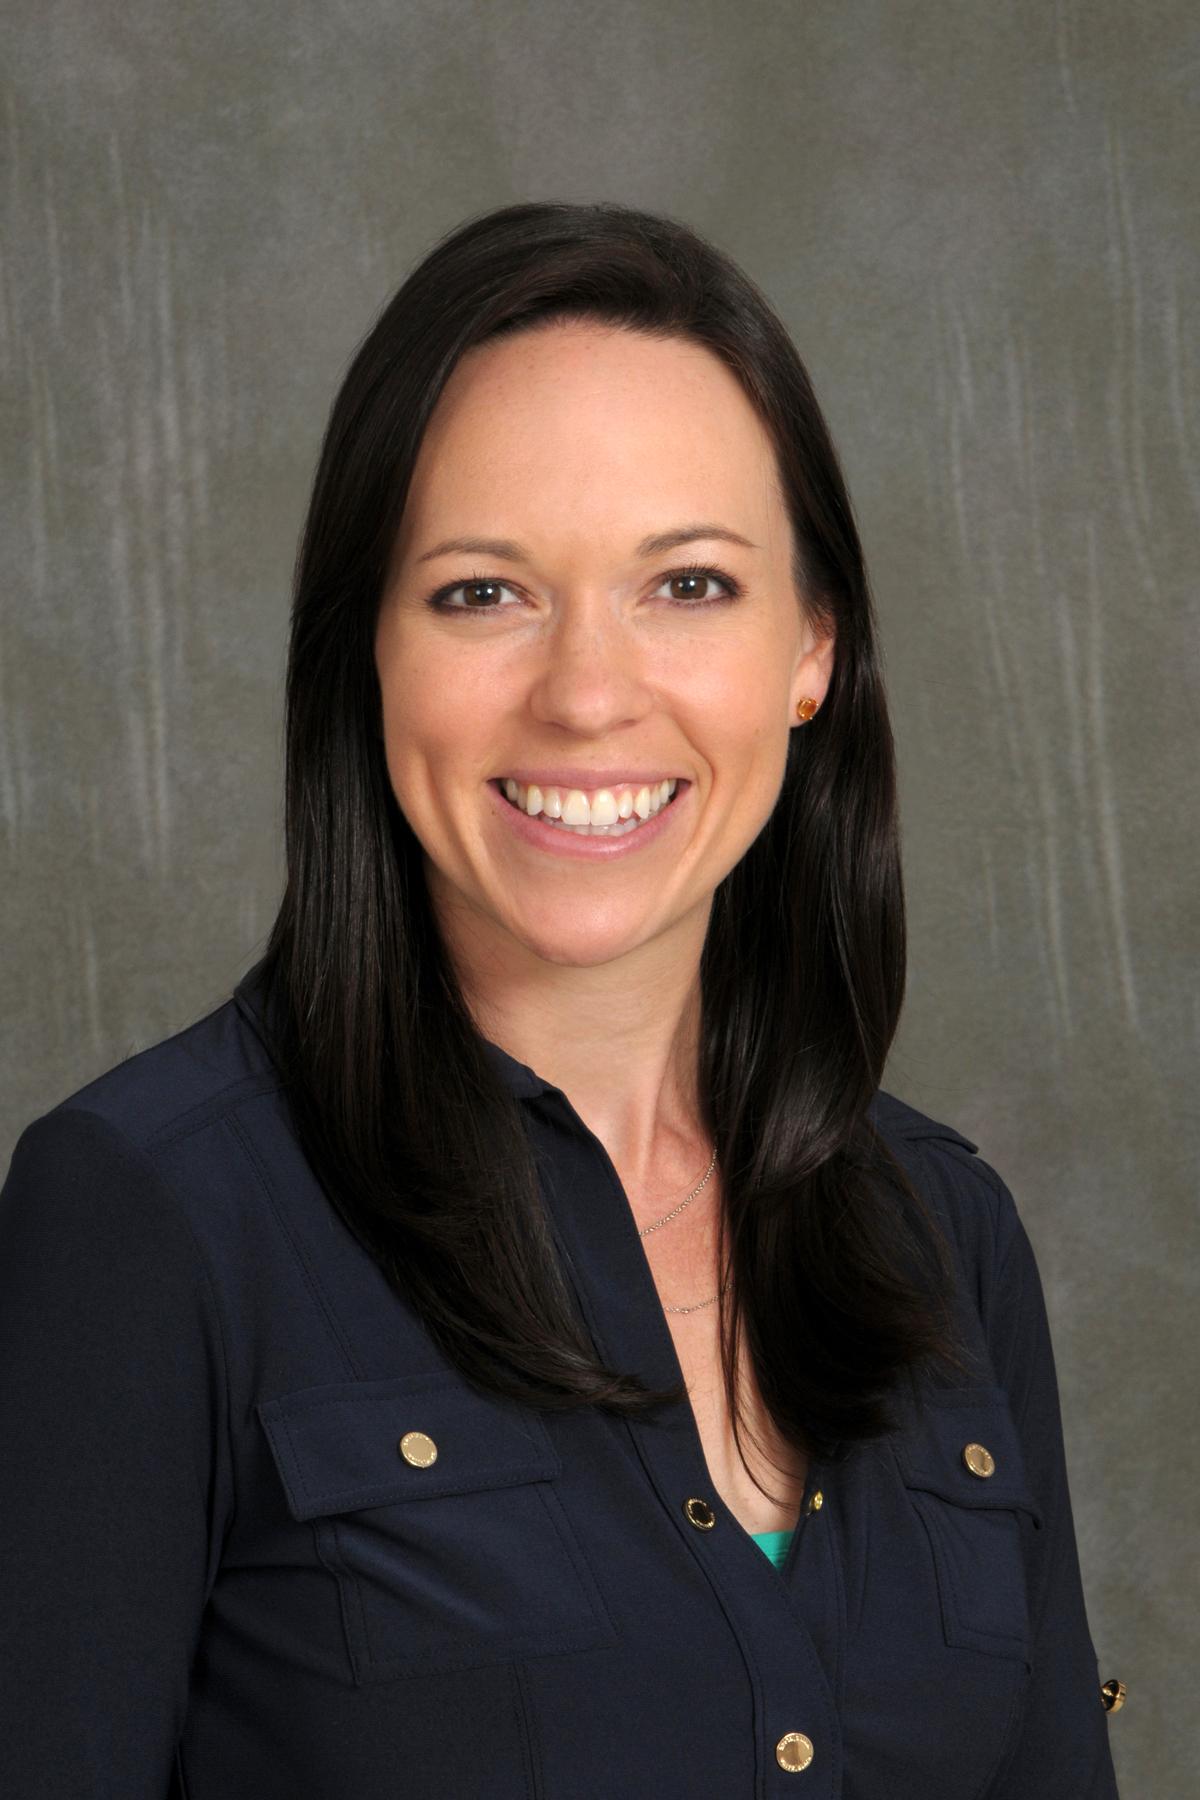 Caitlin Halbert, MD